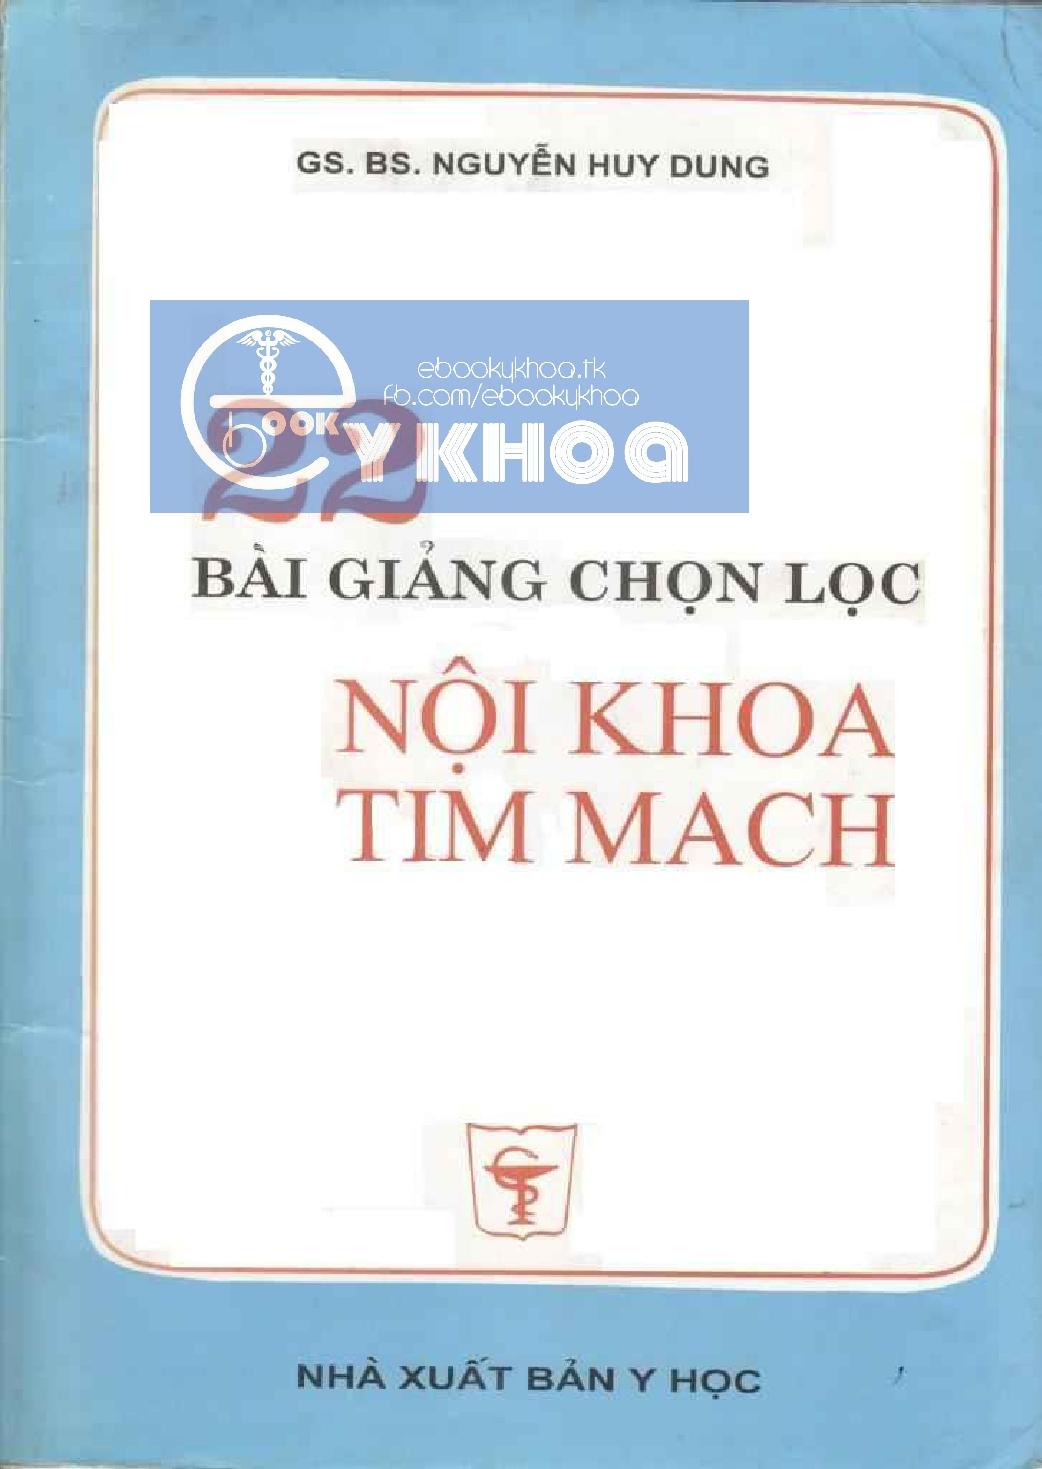 Bài giảng chọn lọc Nội khoa Tim mạch – GS. BS. Nguyễn Huy Dung